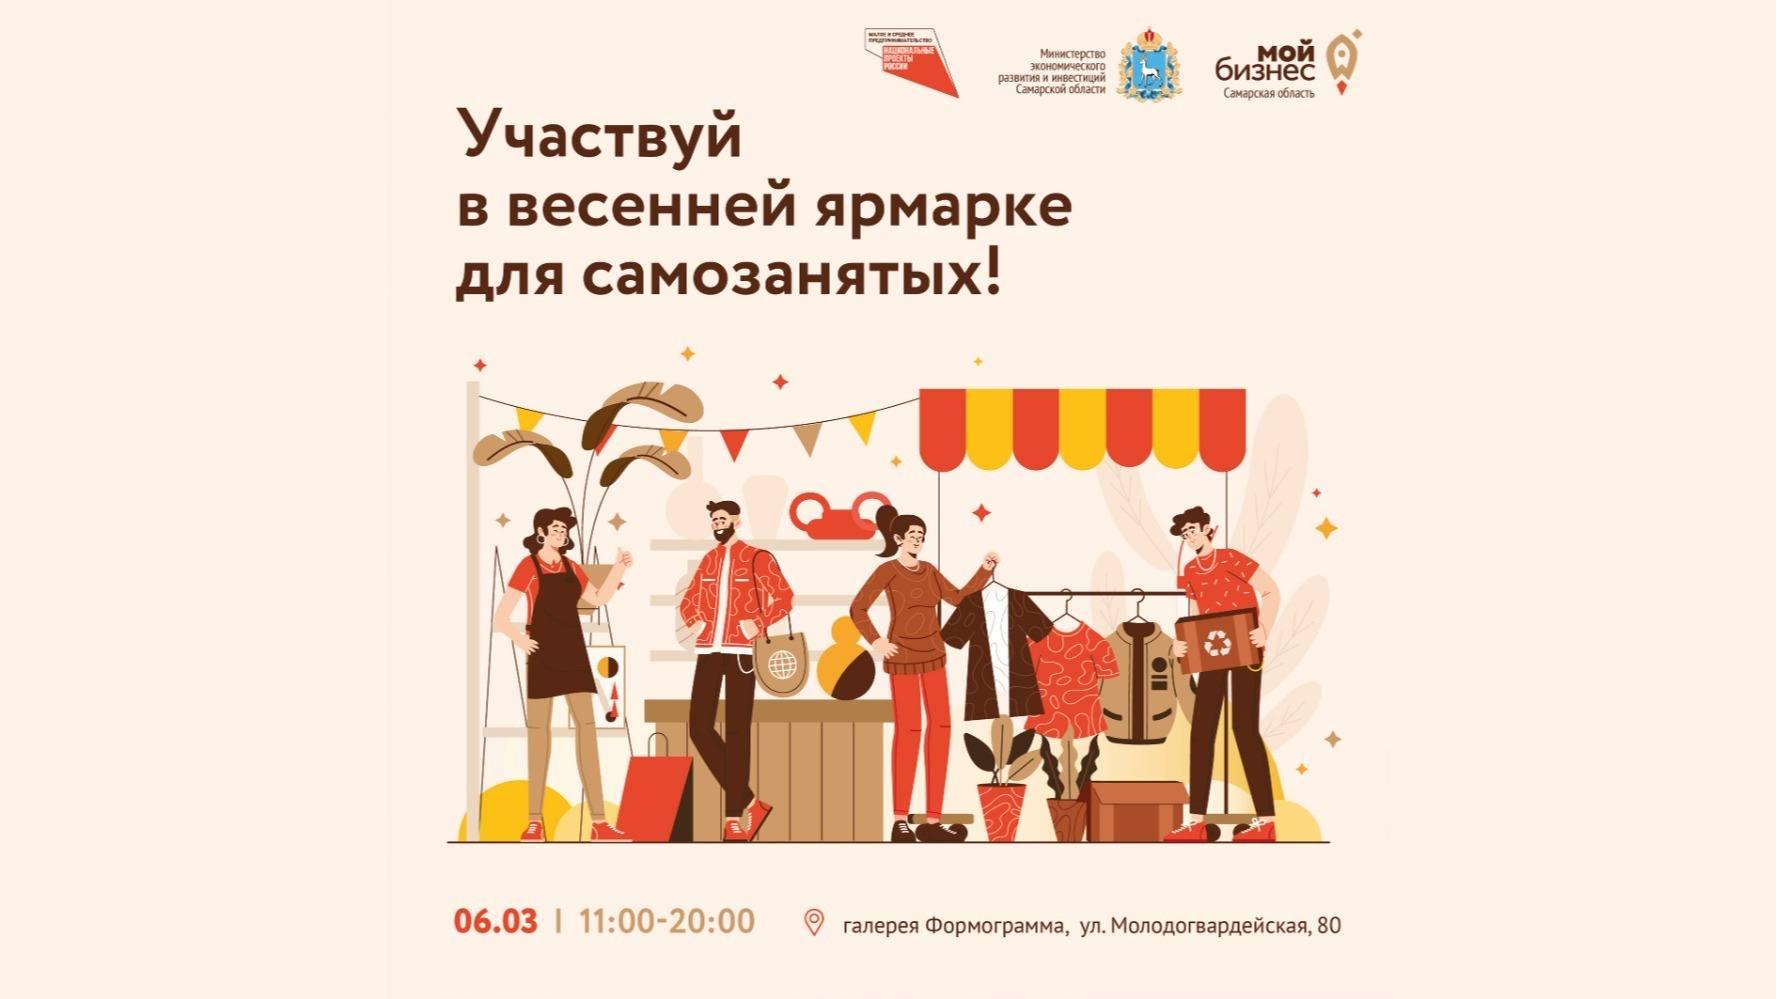 Главное мероприятие марта: участвуйте весенней ярмарке для самозанятых!